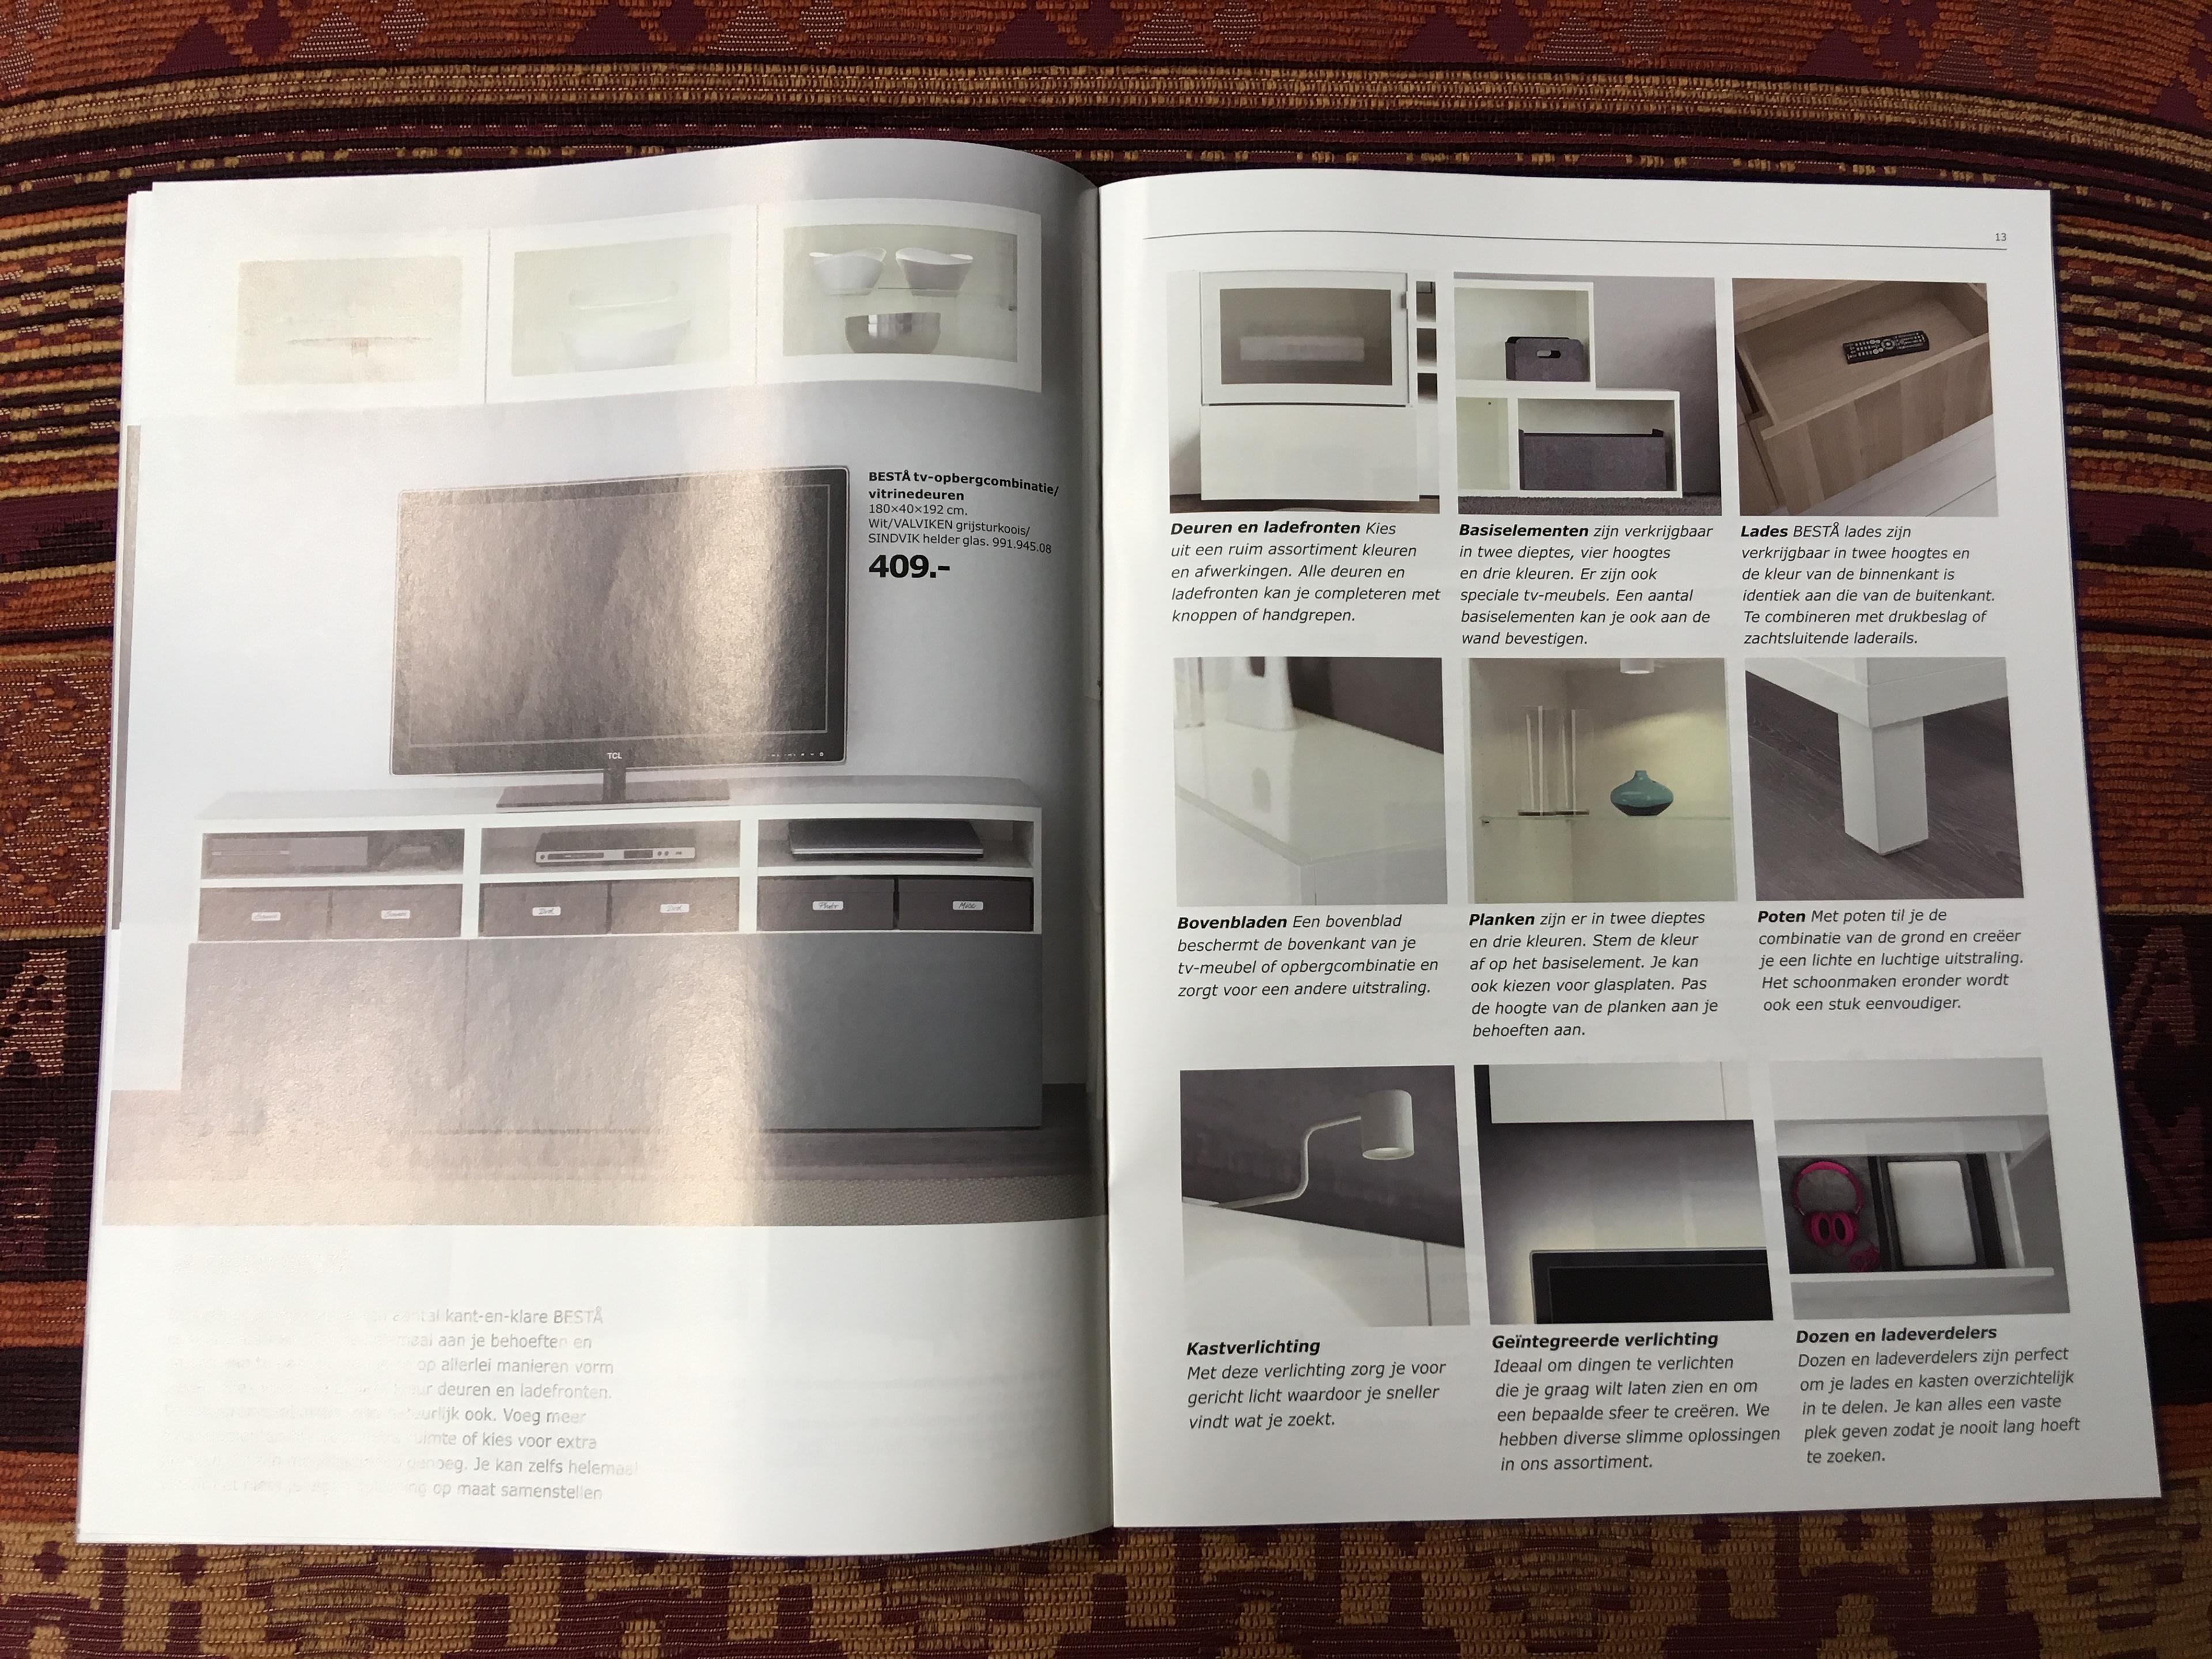 Ikea Tv Kast Meubel.Intercreatief Online Offline Design Ikea